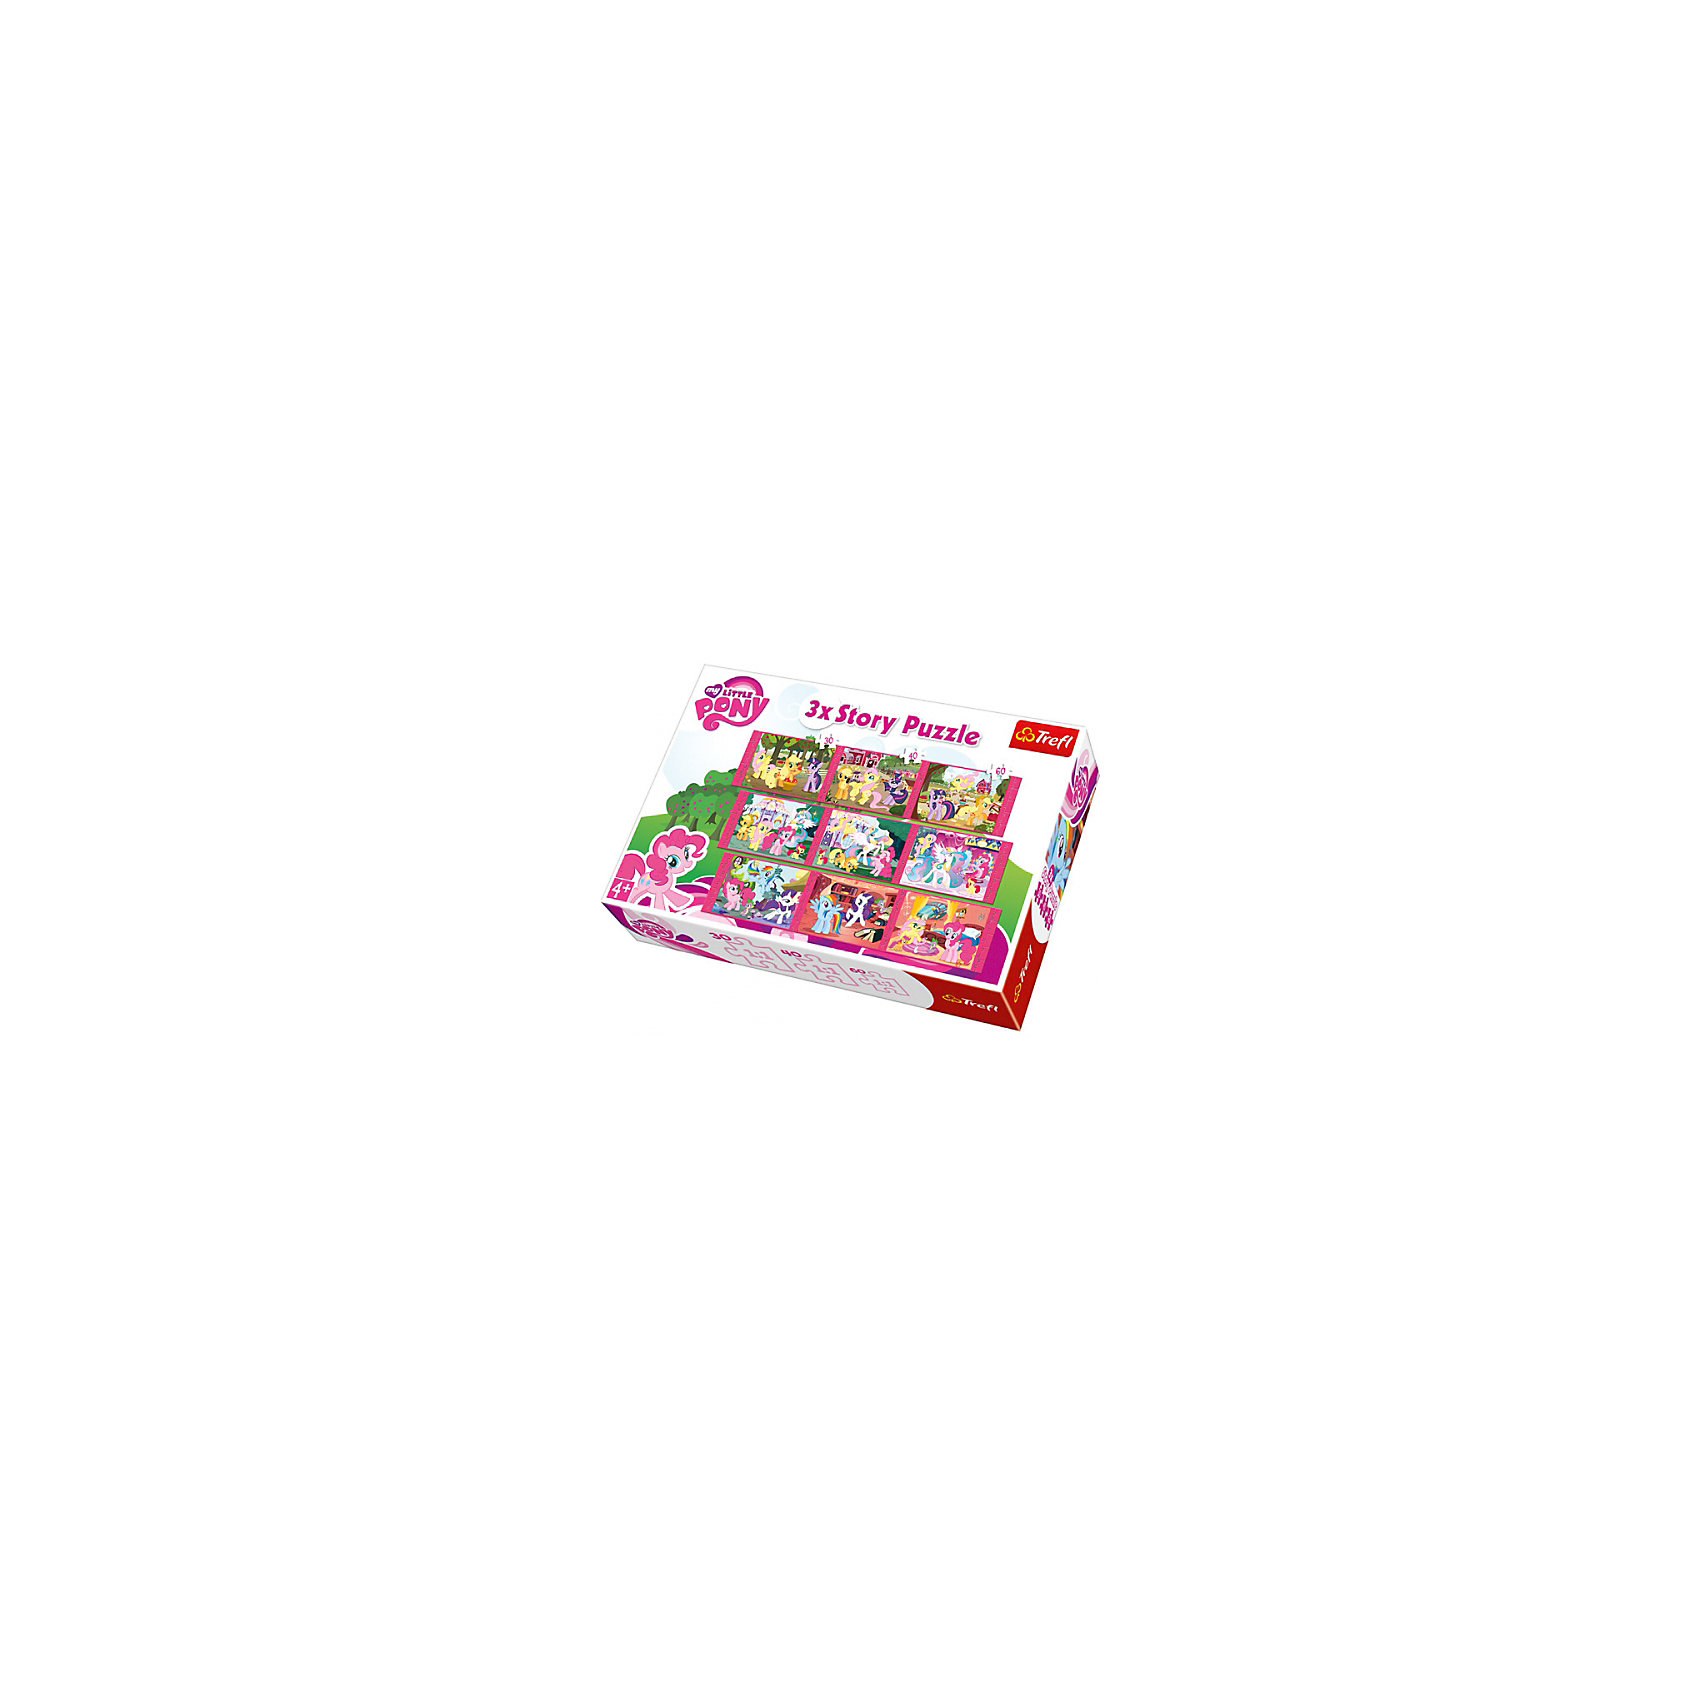 Набор пазлов 9 в 1 Моя маленькая Пони, TreflКлассические пазлы<br>Характеристики товара:<br><br>• возраст от 4 лет;<br>• материал: картон;<br>• в наборе: 1 пазл на 20 деталей, 1 пазл на 36 деталей, 1 пазл на 50 деталей;<br>• размер упаковки 26,6х39,8х9 см;<br>• вес упаковки 1,95 кг;<br>• страна производитель Польша.<br><br>Набор пазлов 9 в 1 «Моя маленькая пони» Trefl создан по мотивам известного мультфильма «My Little Pony». В наборе 9 пазлов о приключениях любимых персонажей. Собирая пазл, у ребенка развиваются логическое мышление, внимательность к деталям, усидчивость. Все элементы выполнены из качественных материалов со специальным стойким покрытием.<br><br>Набор пазлов 9 в 1 «Моя маленькая пони» Trefl можно приобрести в нашем интернет-магазине.<br><br>Ширина мм: 266<br>Глубина мм: 398<br>Высота мм: 90<br>Вес г: 1950<br>Возраст от месяцев: 48<br>Возраст до месяцев: 2147483647<br>Пол: Женский<br>Возраст: Детский<br>SKU: 5578456